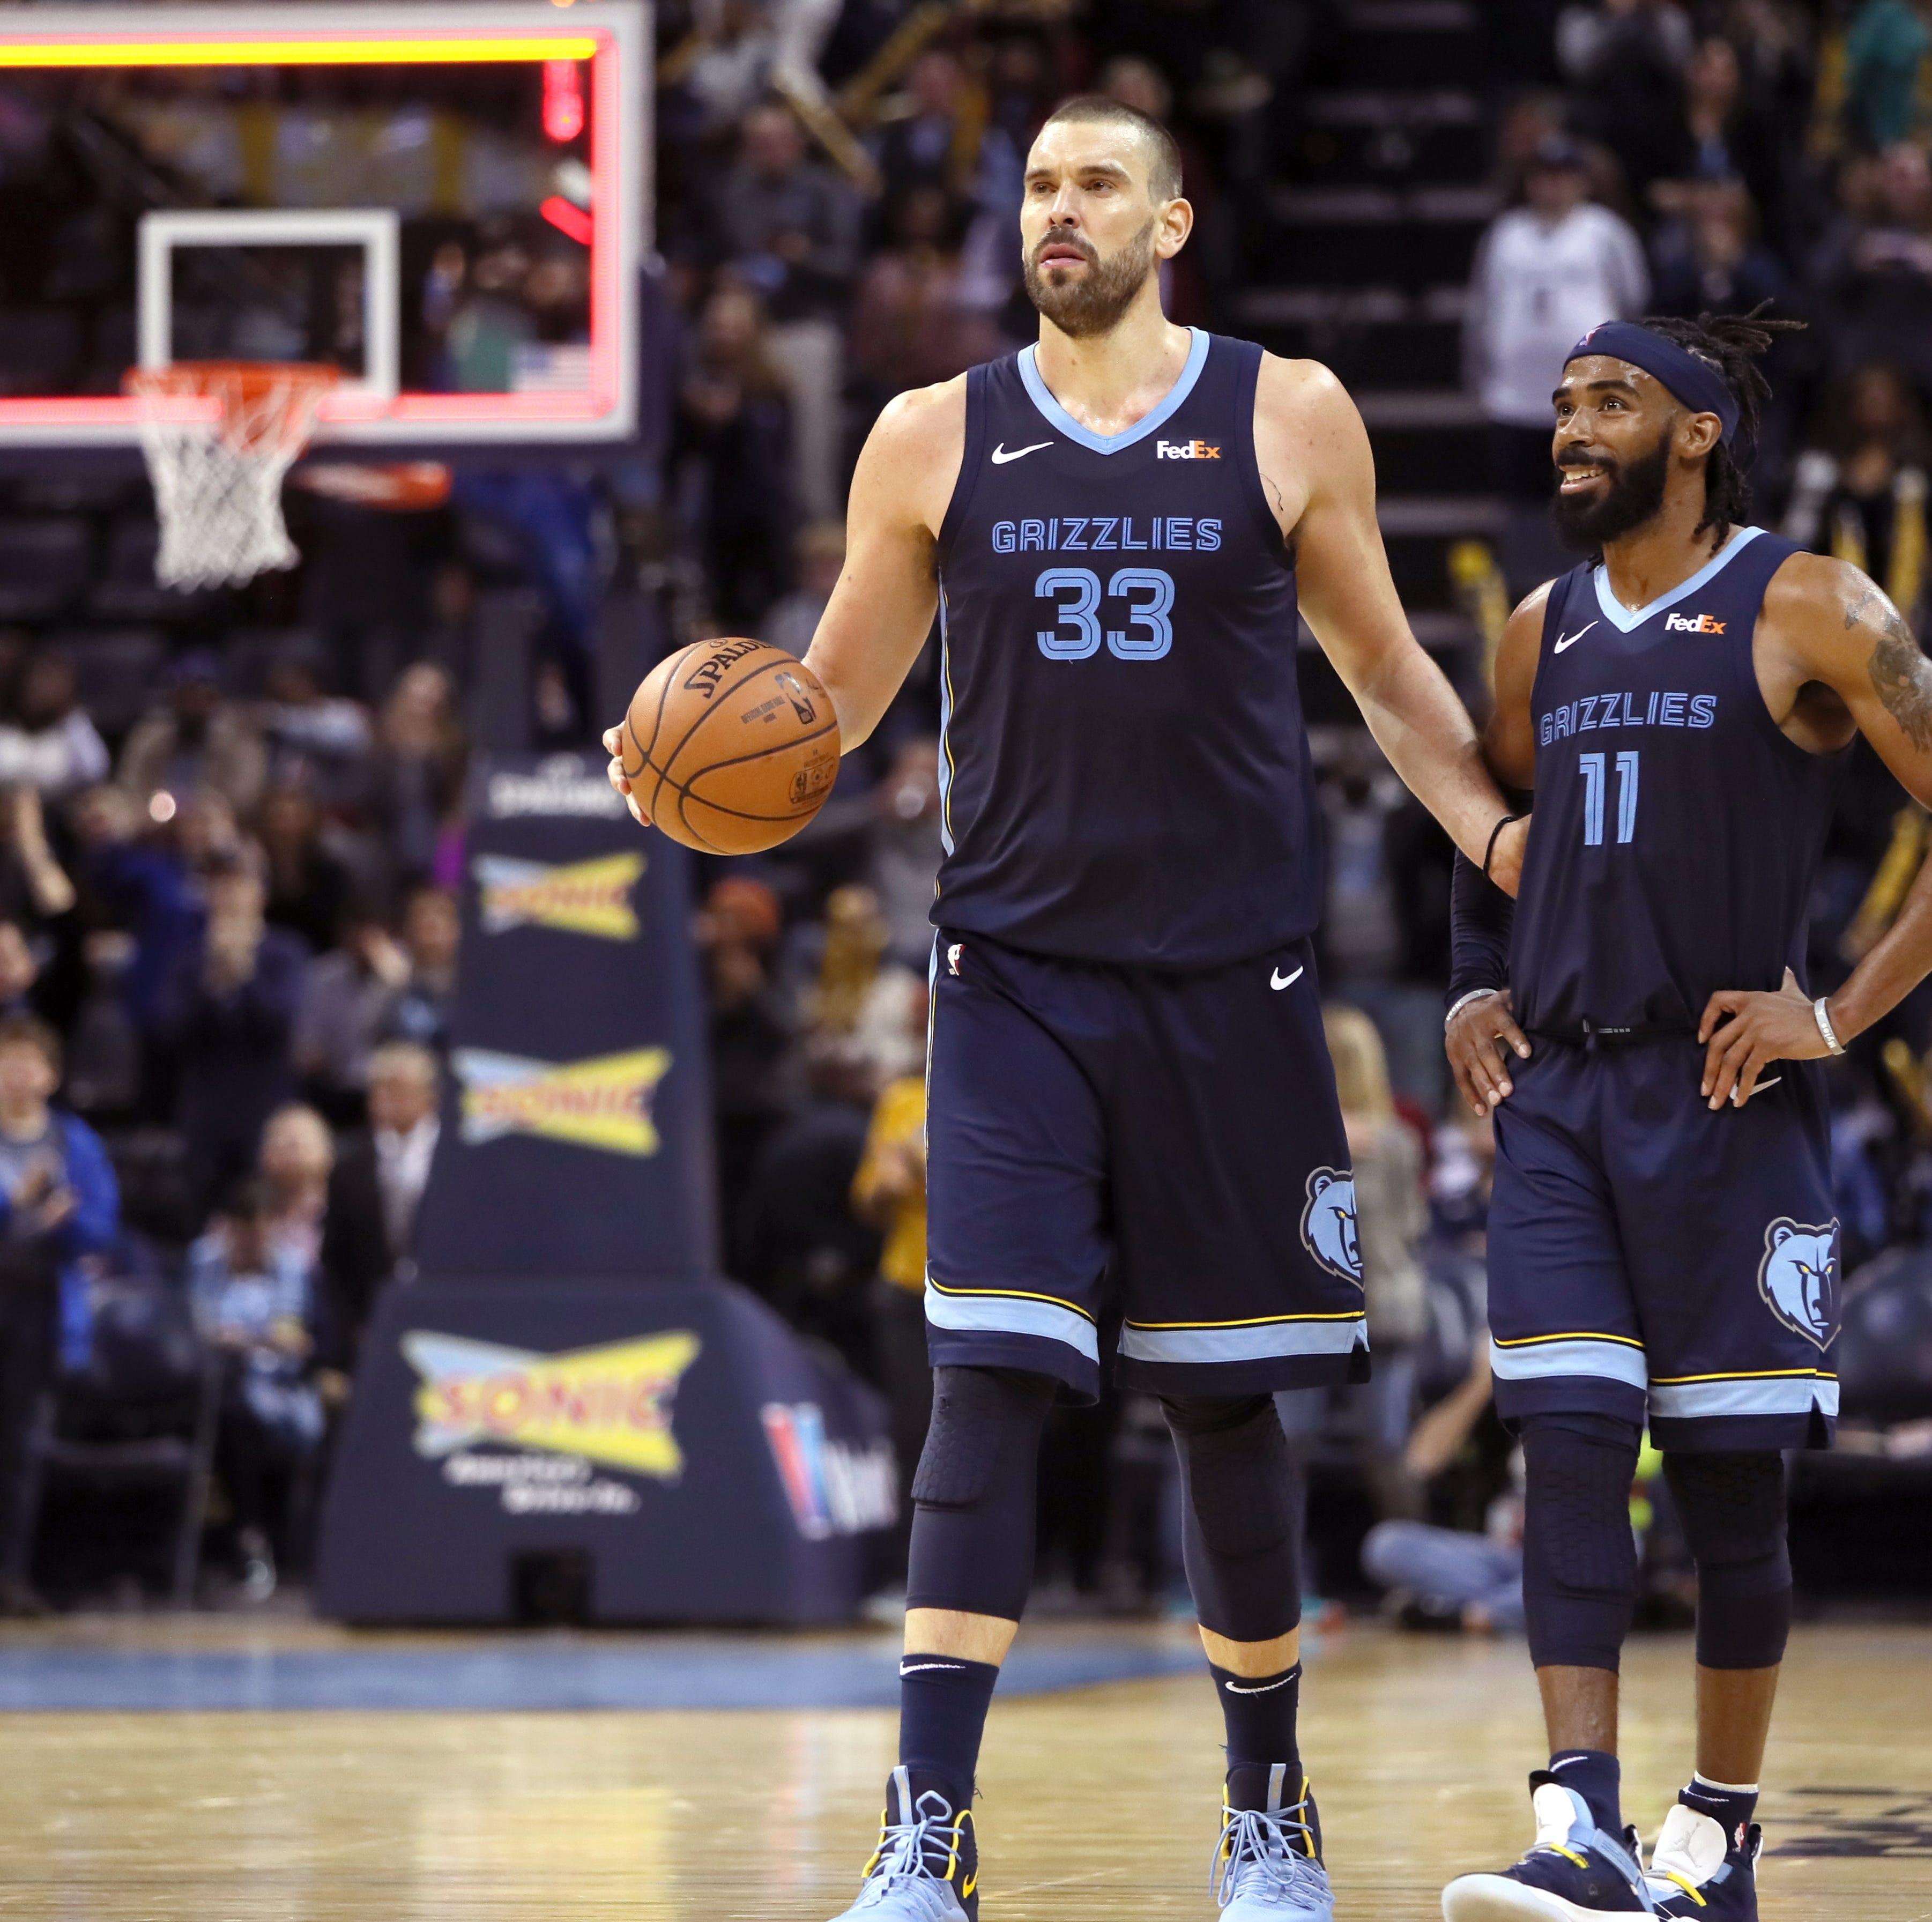 Memphis Grizzlies: Trade scenarios for Mike Conley, Marc Gasol as deadline looms